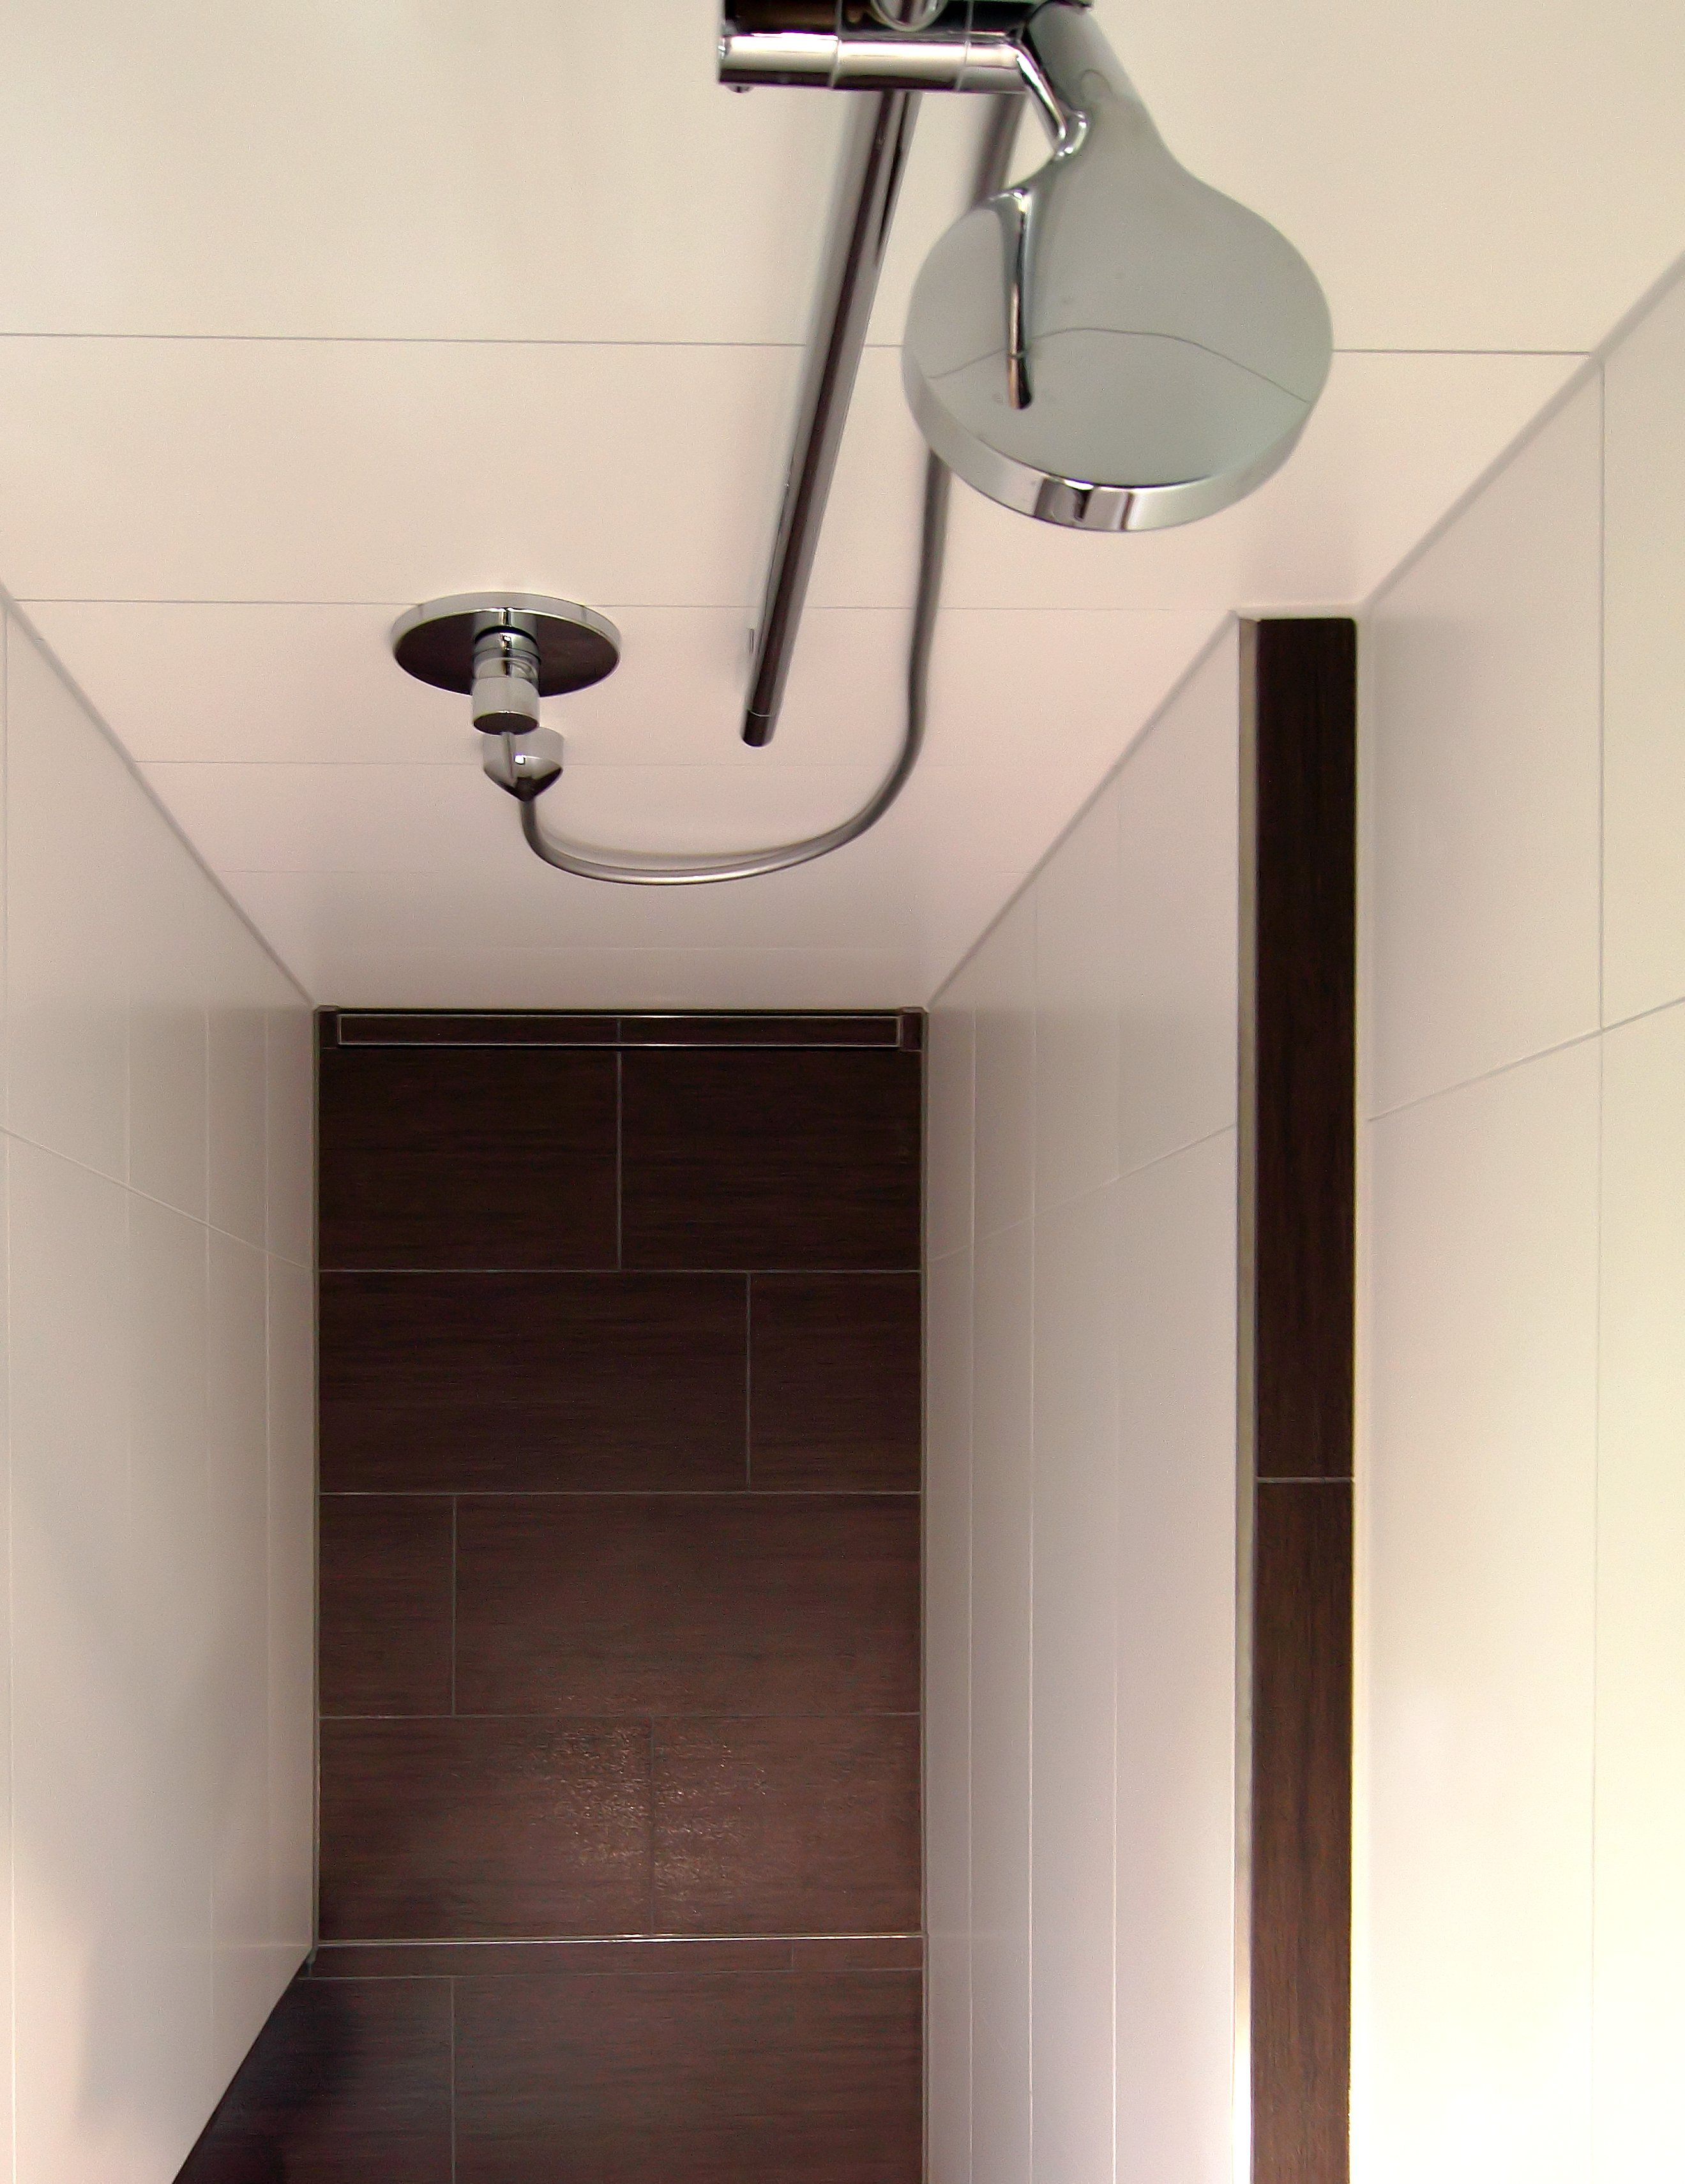 eine rote rckwand und dunkles mbel setzen den waschtisch im duschbad in szene hinter dem waschtisch verspricht die sanierte dusche entspannung pur - Dusche Ruckwand Material